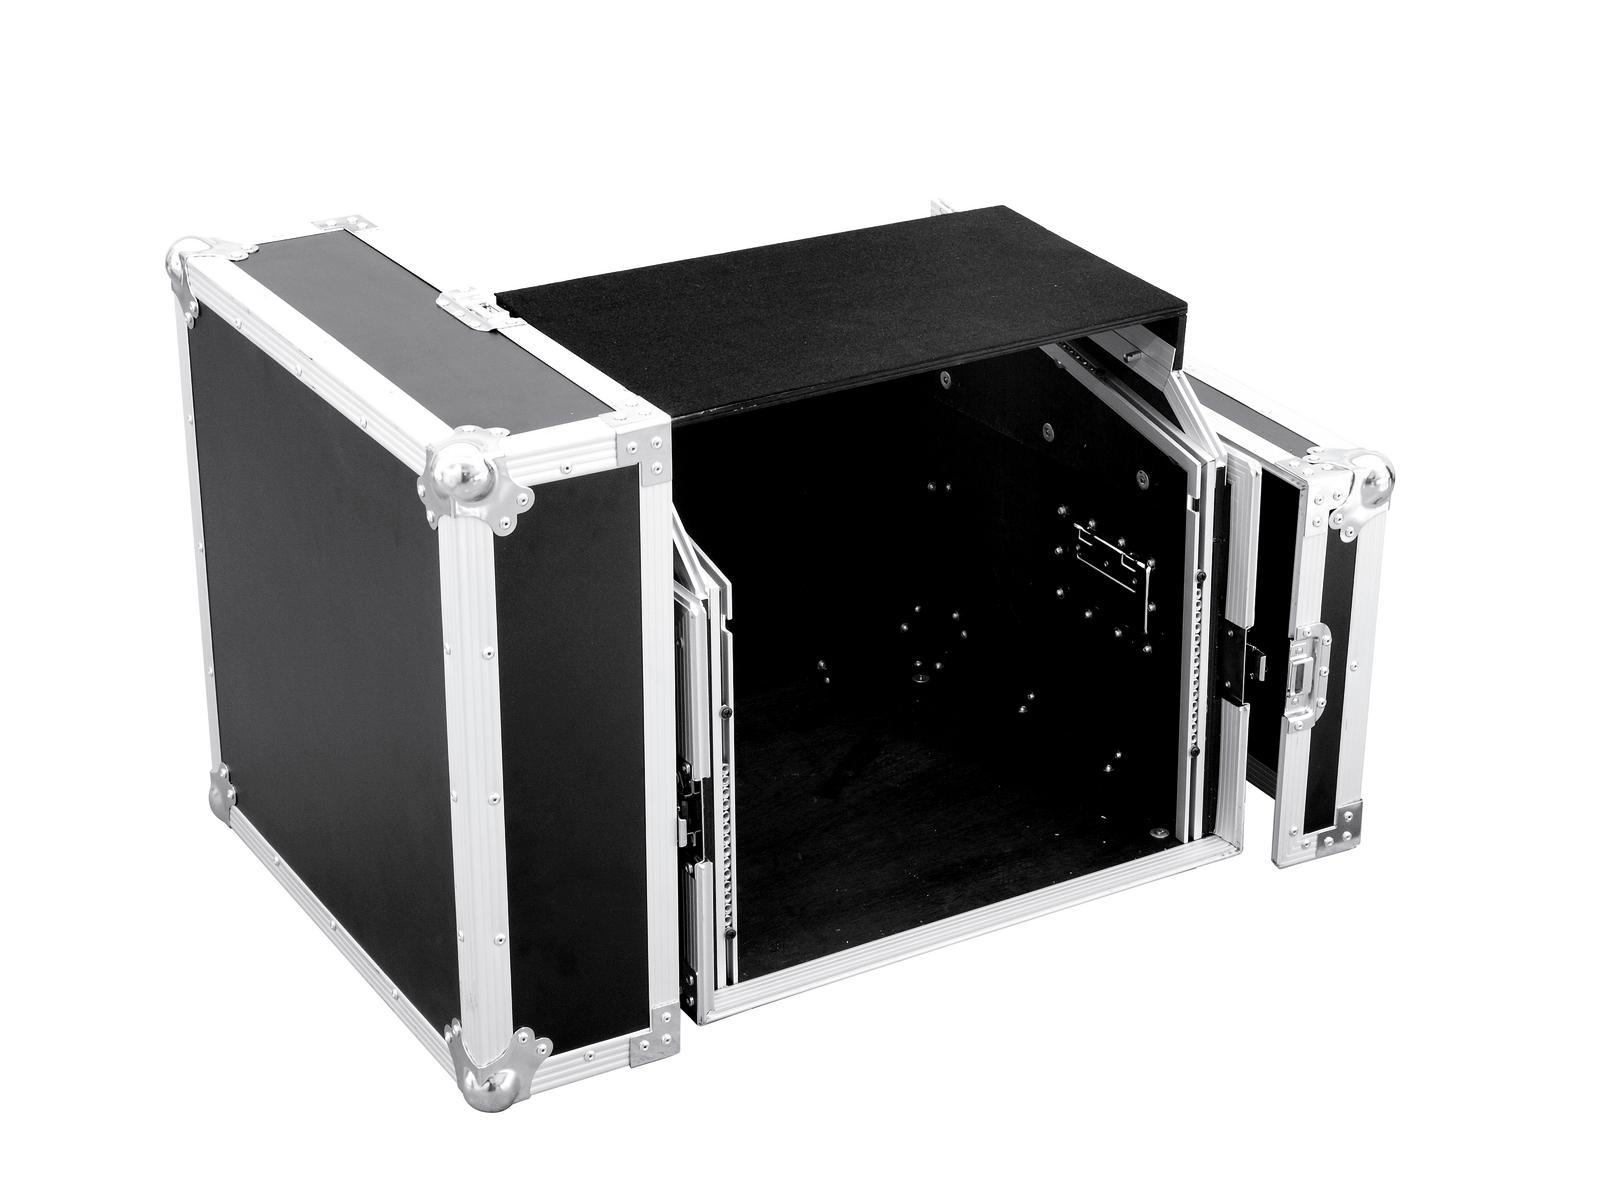 ROADINGER Spezial-Kombi-Case LS5 Laptop-Rack, 8HE